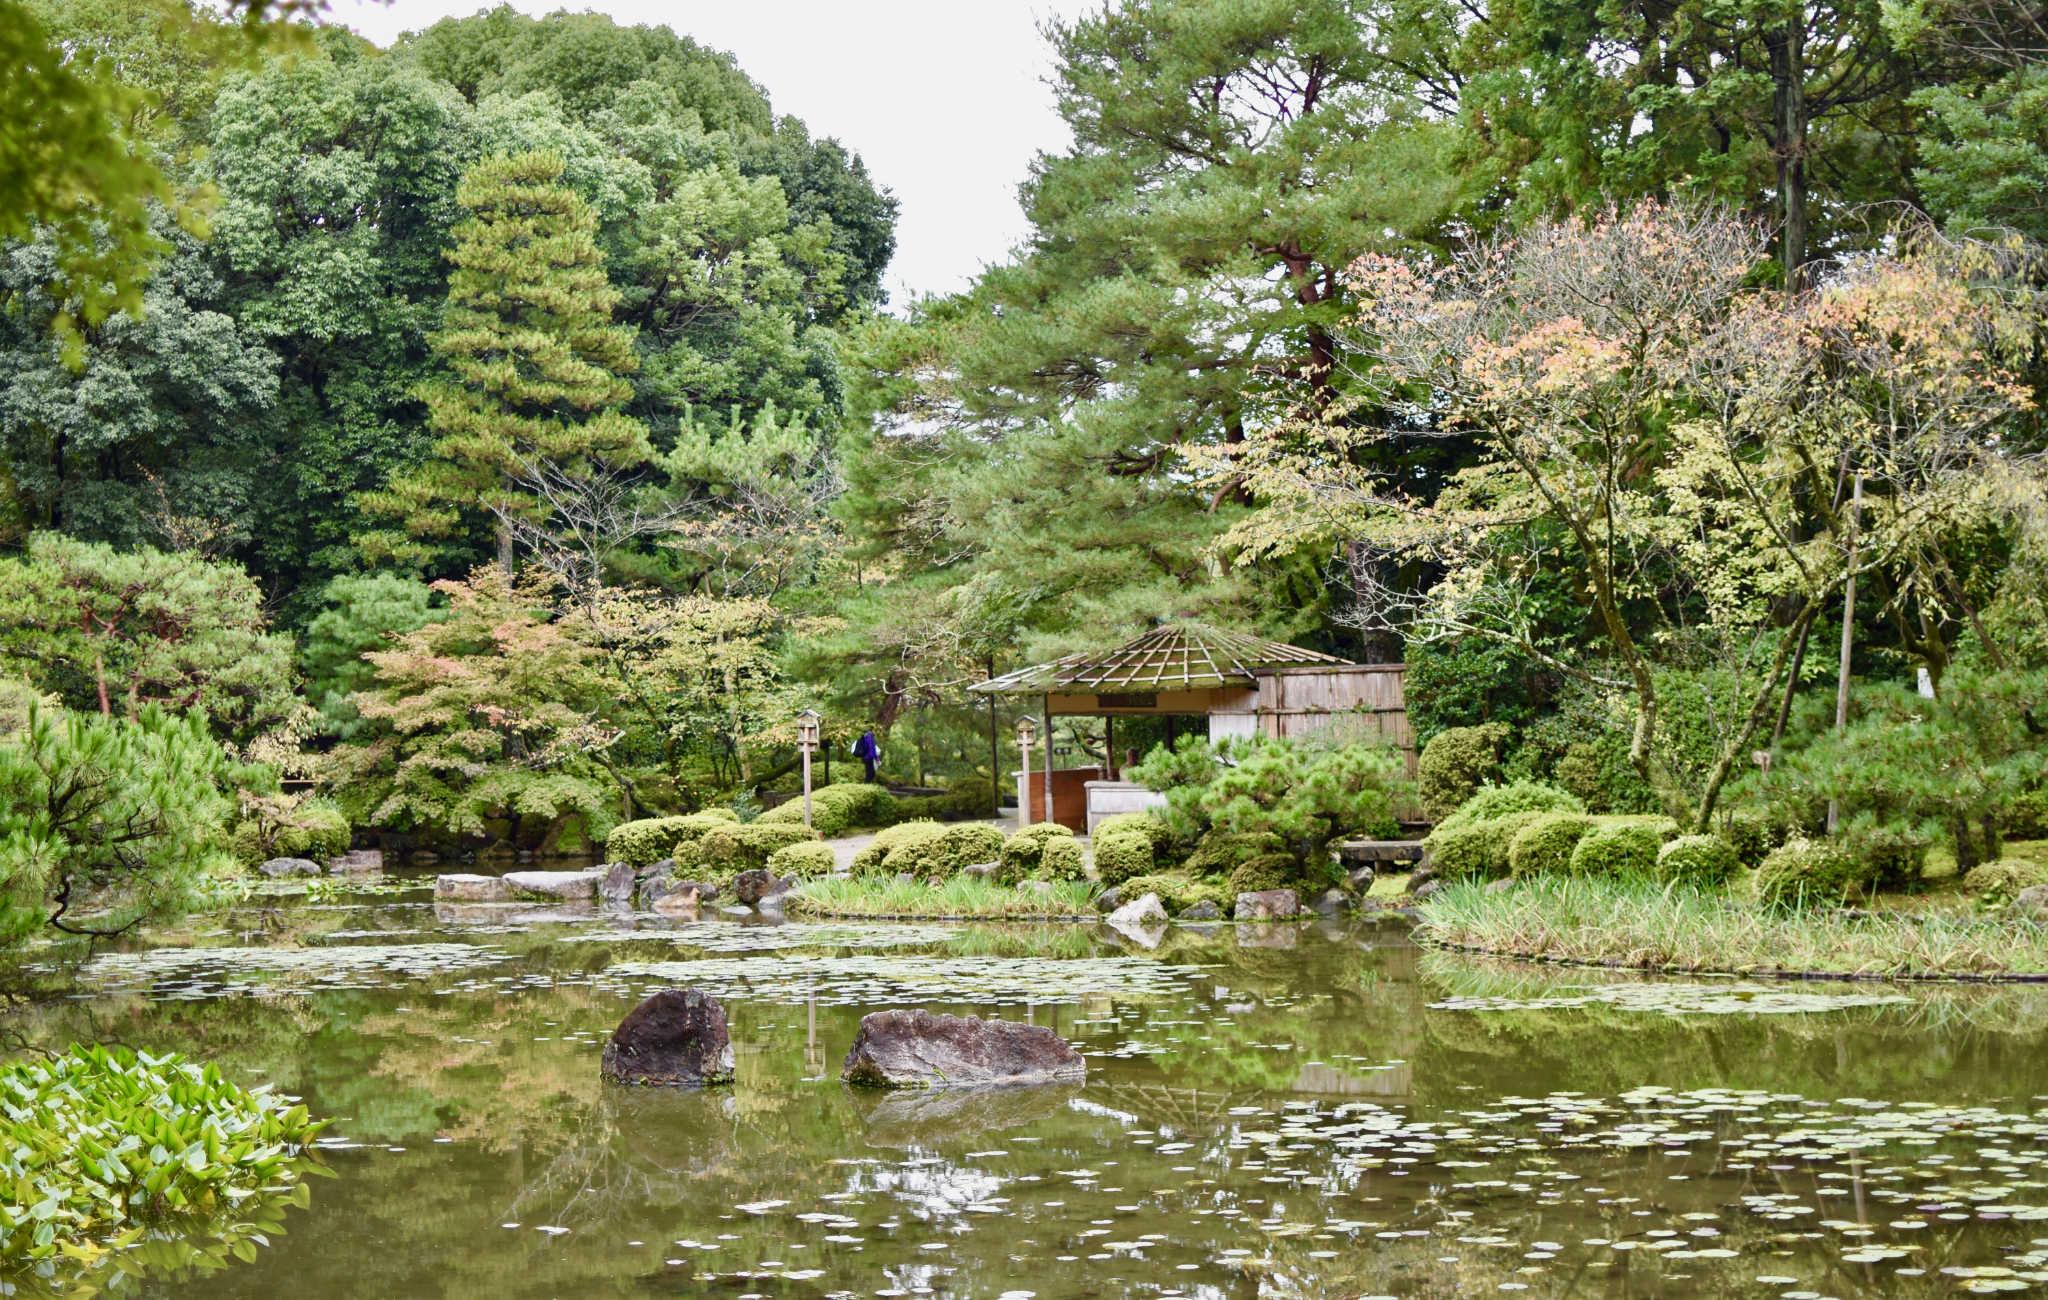 Plusieurs abris permettent de se détendre en bordure du lac et de profiter du paysage